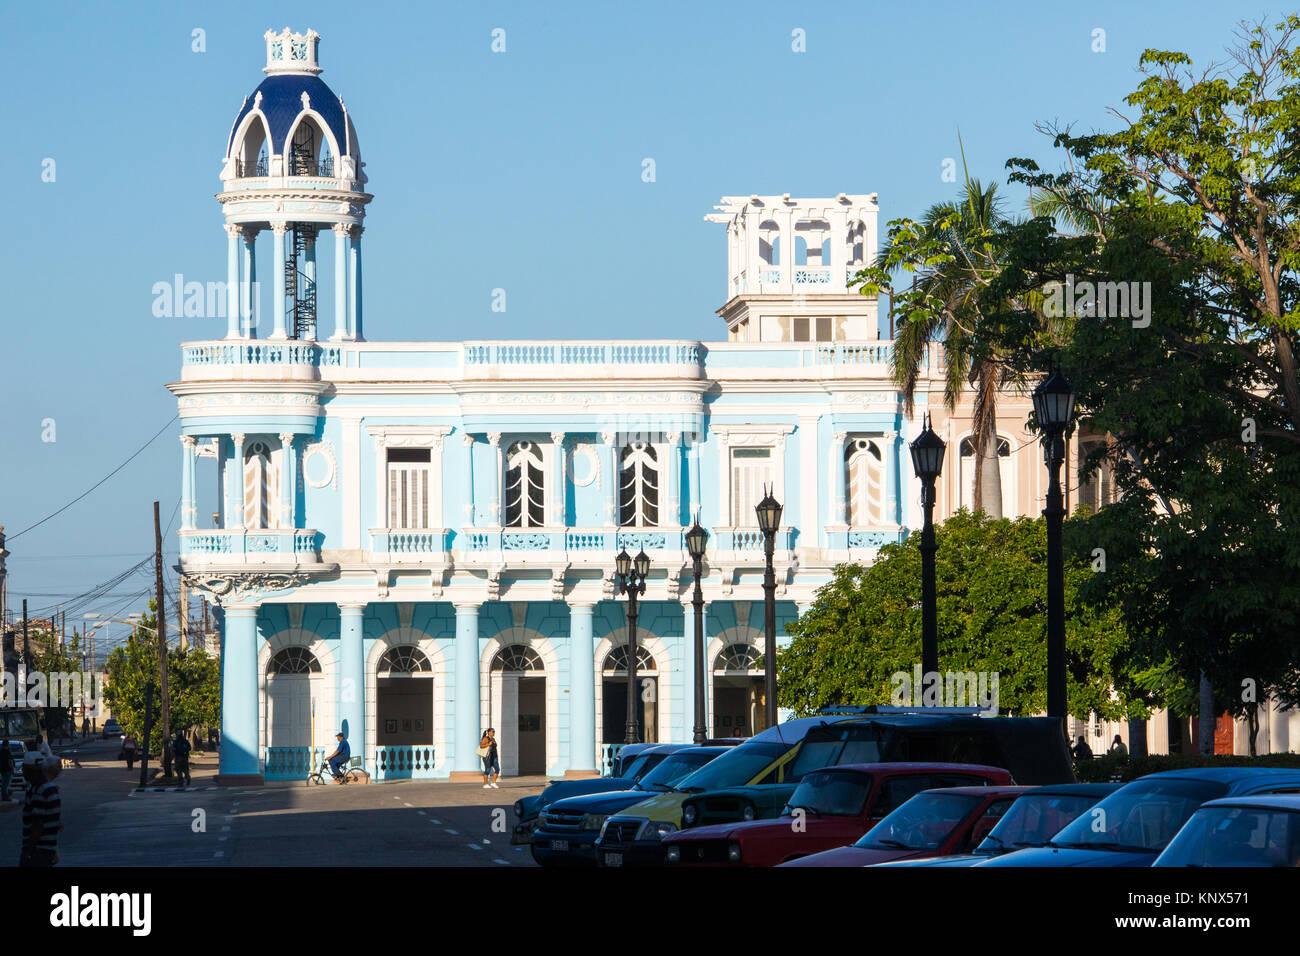 Casa de Cultura in the Palacio Ferrer, Plaza Jose Marti, Cienfuegos, Cuba - Stock Image